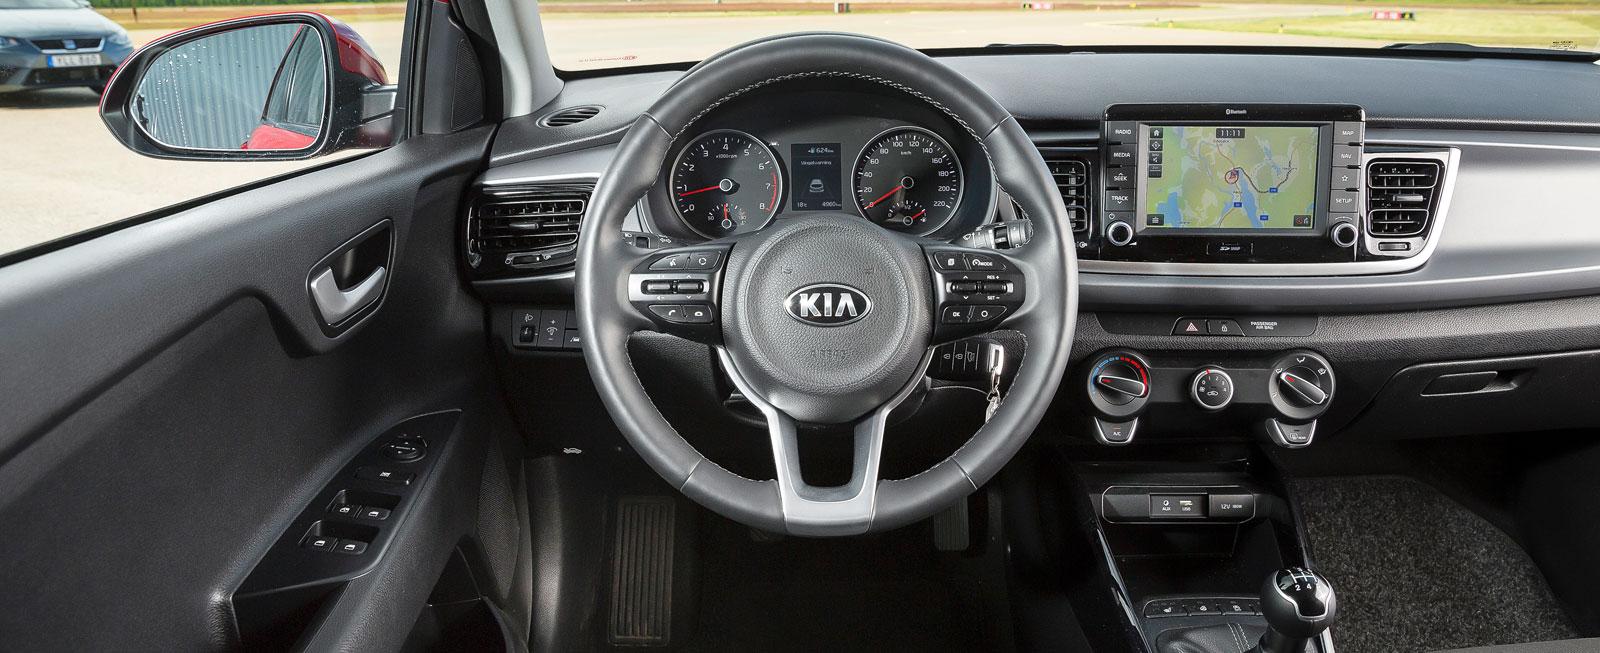 Genomgående svärta i interiören ger tyska vibbar. Tydliga reglage och god körställning som gör att man känner sig ett med bilen.